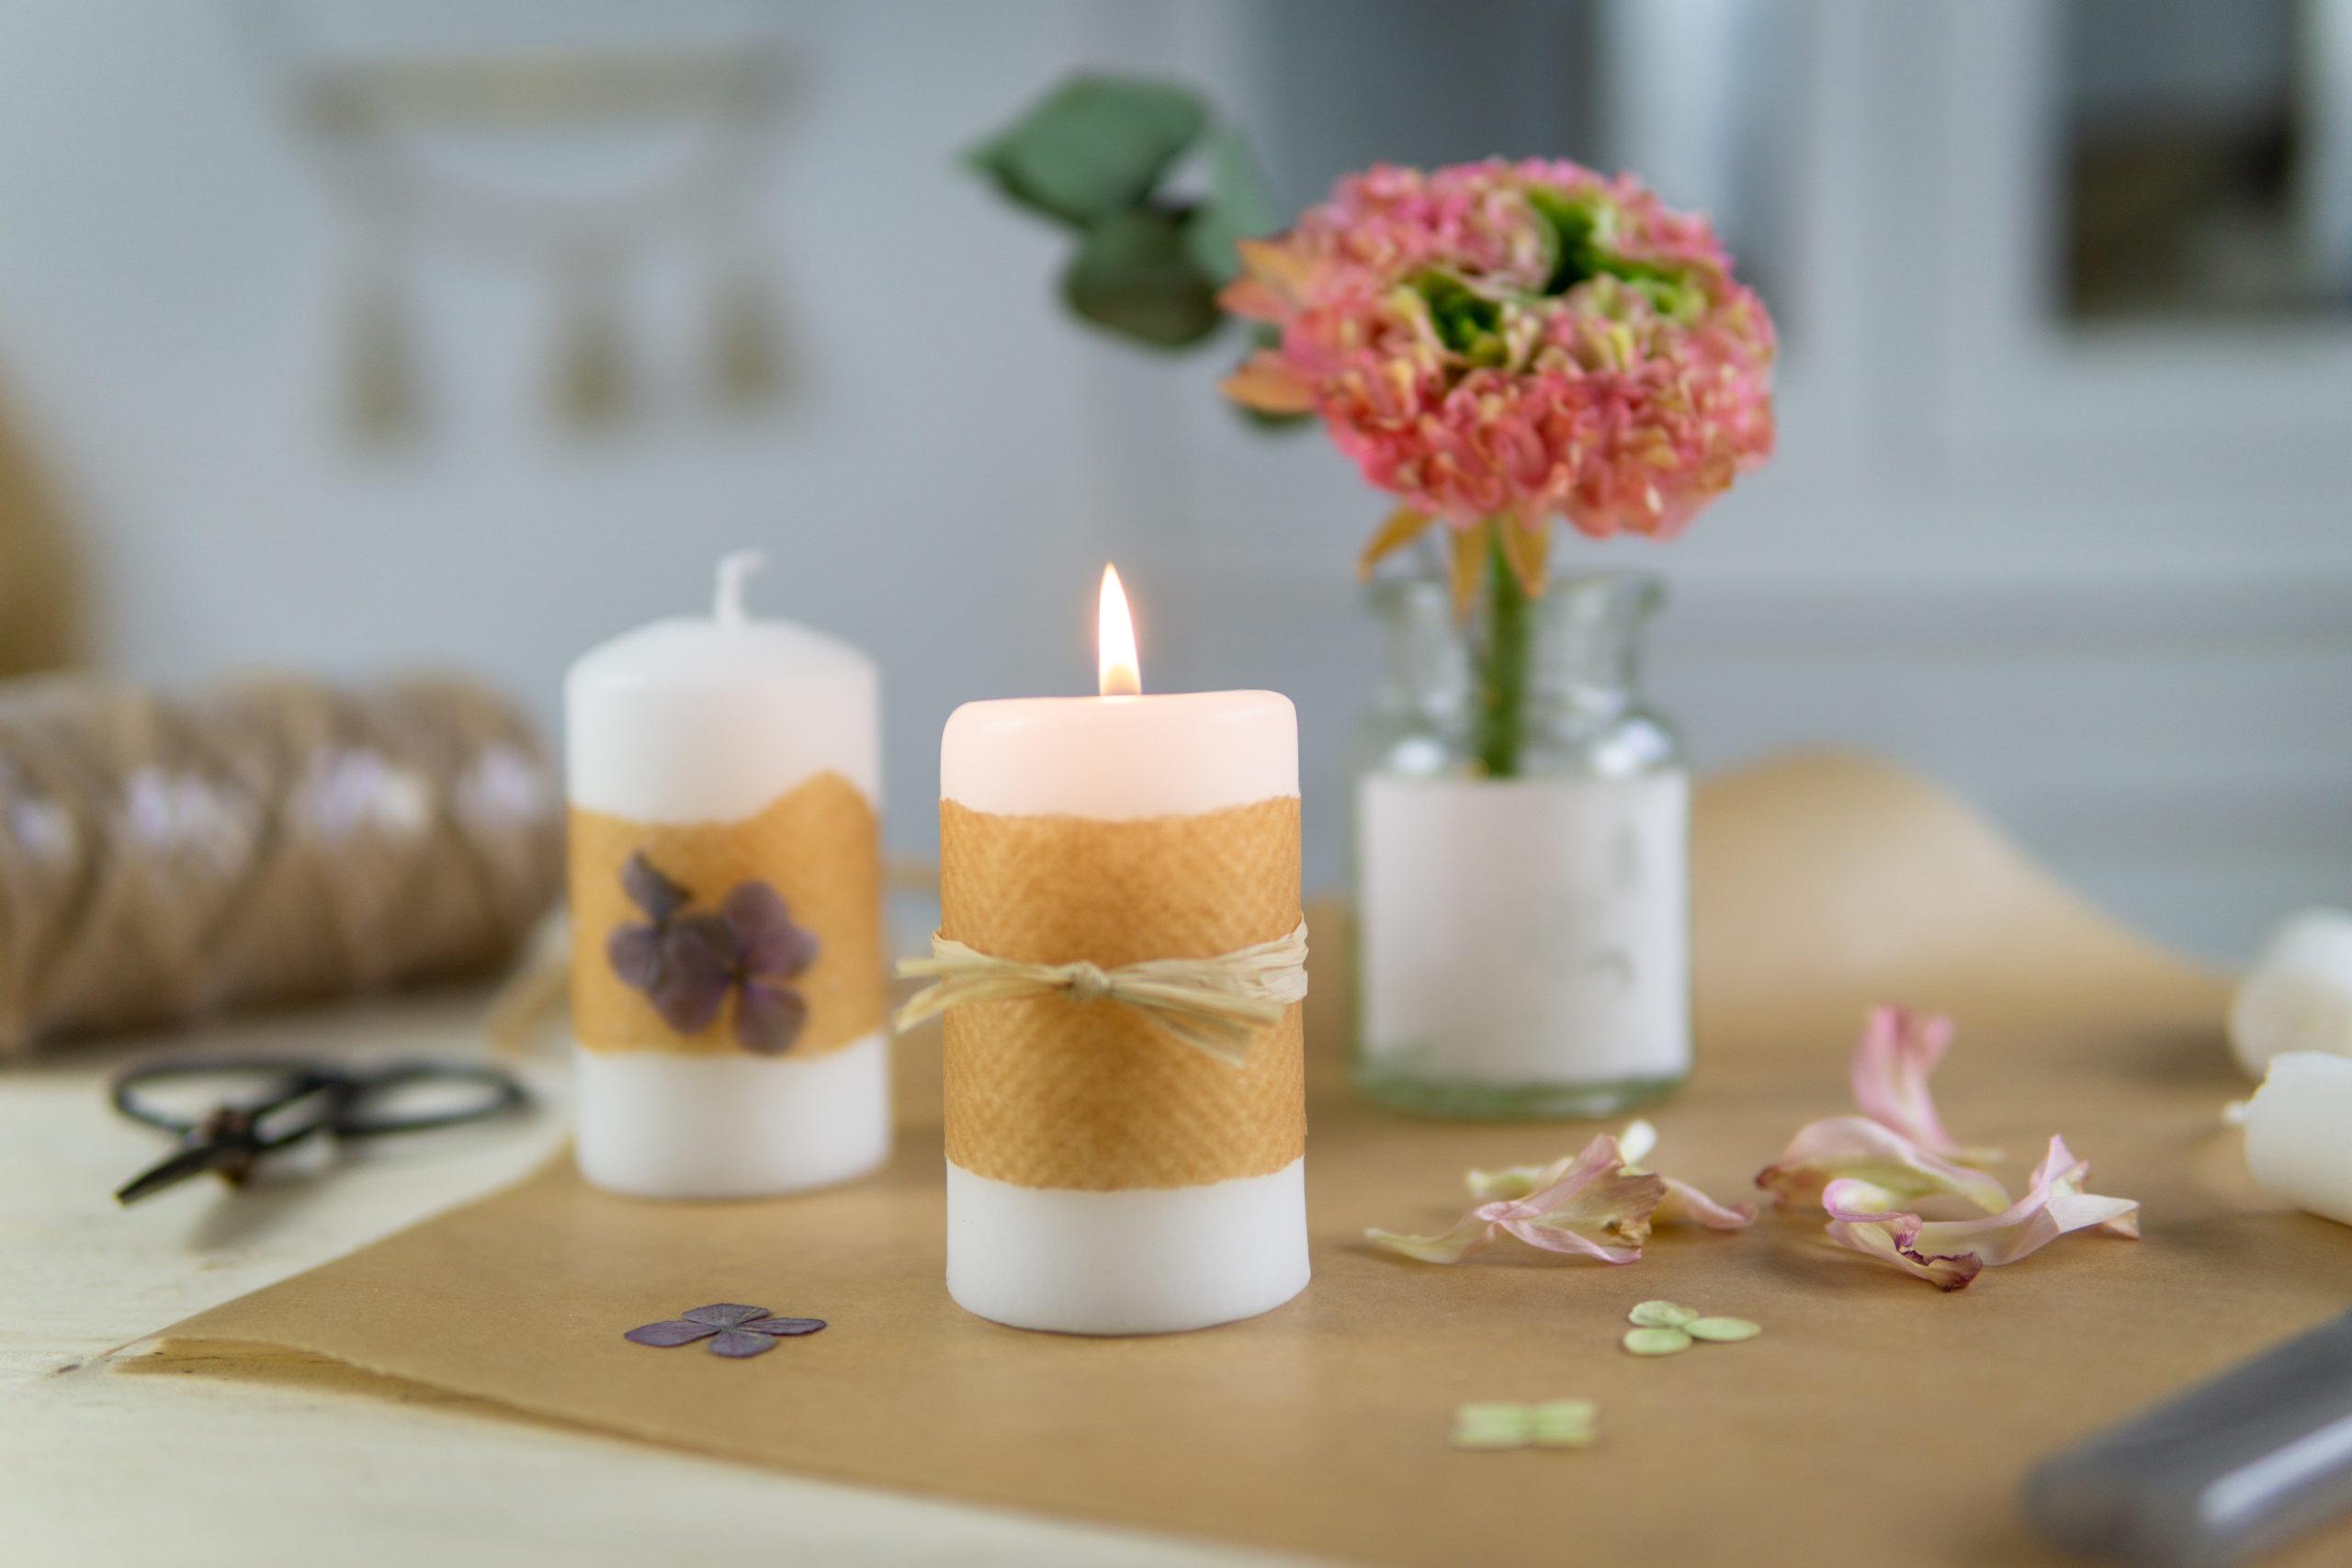 Kerzen gestalten: 4 Ideen zum Nachmachen